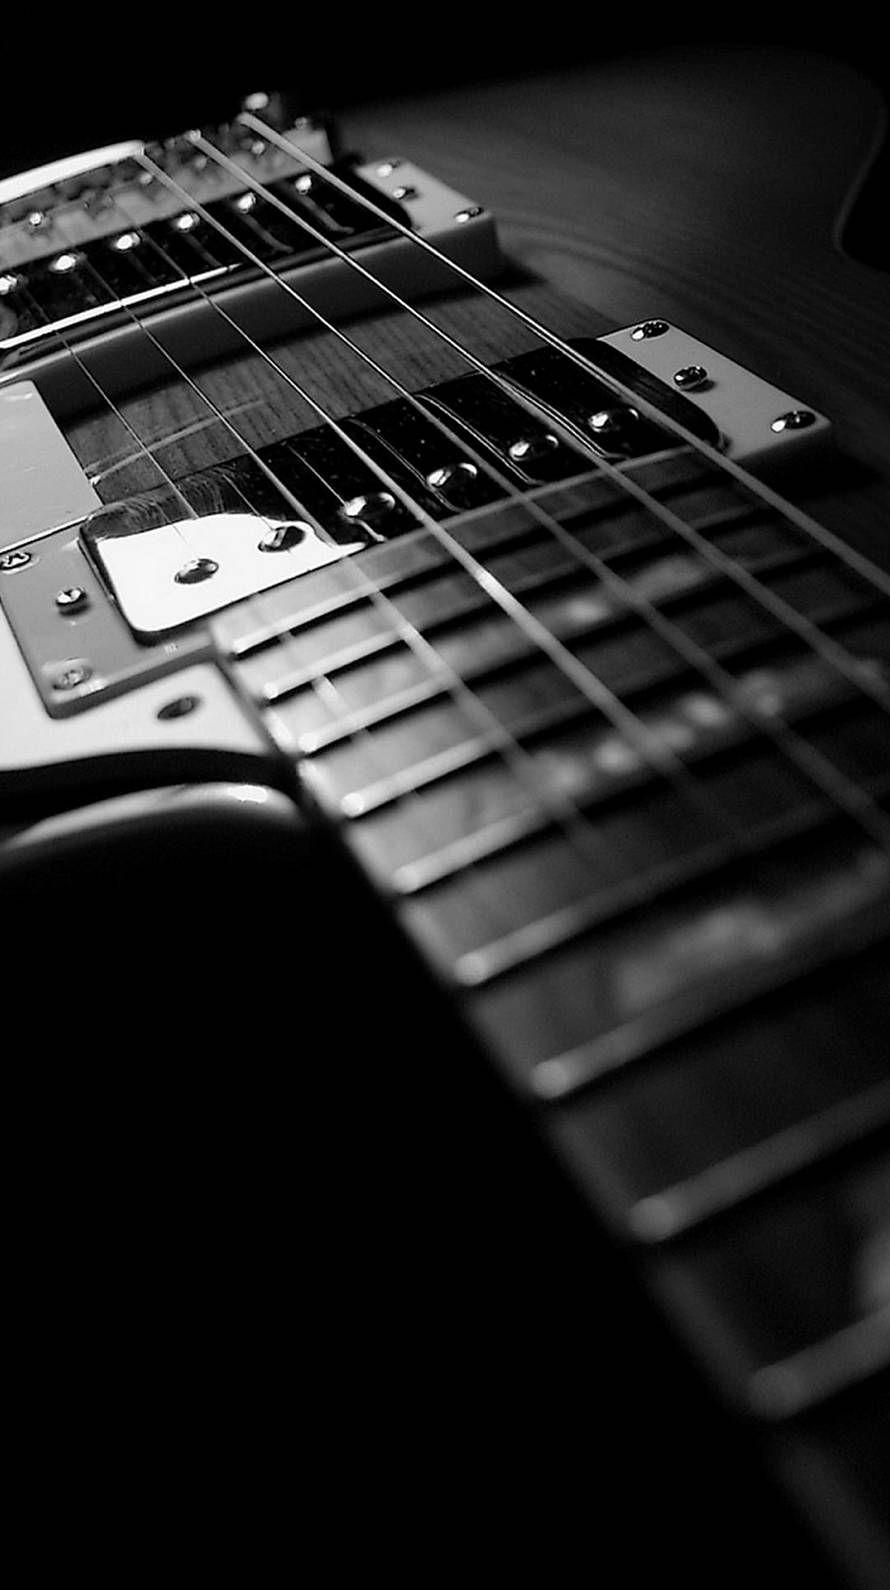 モノクロのギター モノクロの壁紙画像 ギター 壁紙 エレキギター